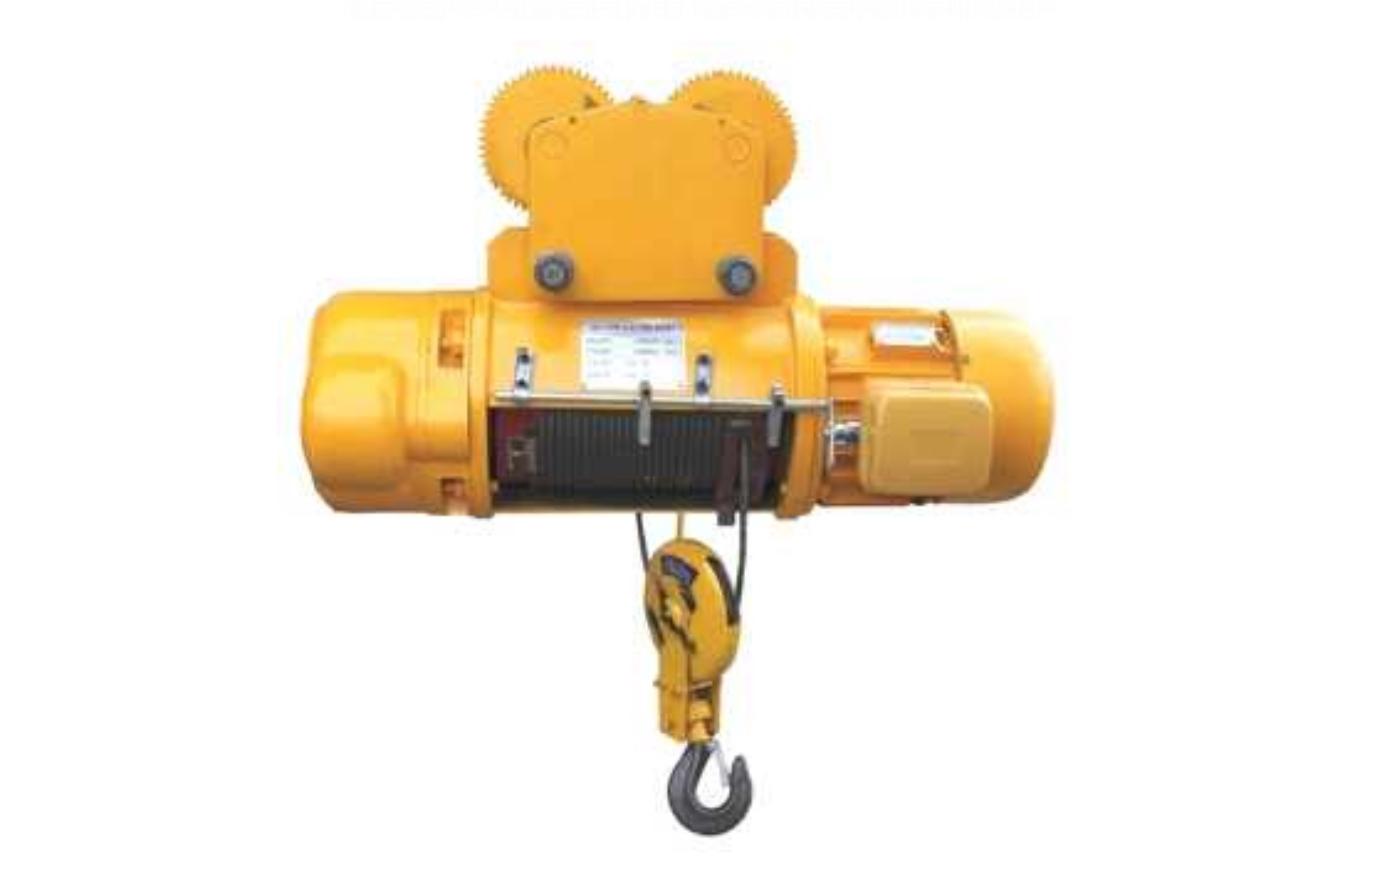 Тельфер электрический с тележкой CD (Китай) Тельфер электрический с тележкой CD (Китай) фото, схема, параметры, таблица, паспорт, инструкция, характеристики, завод изготовитель, производитель